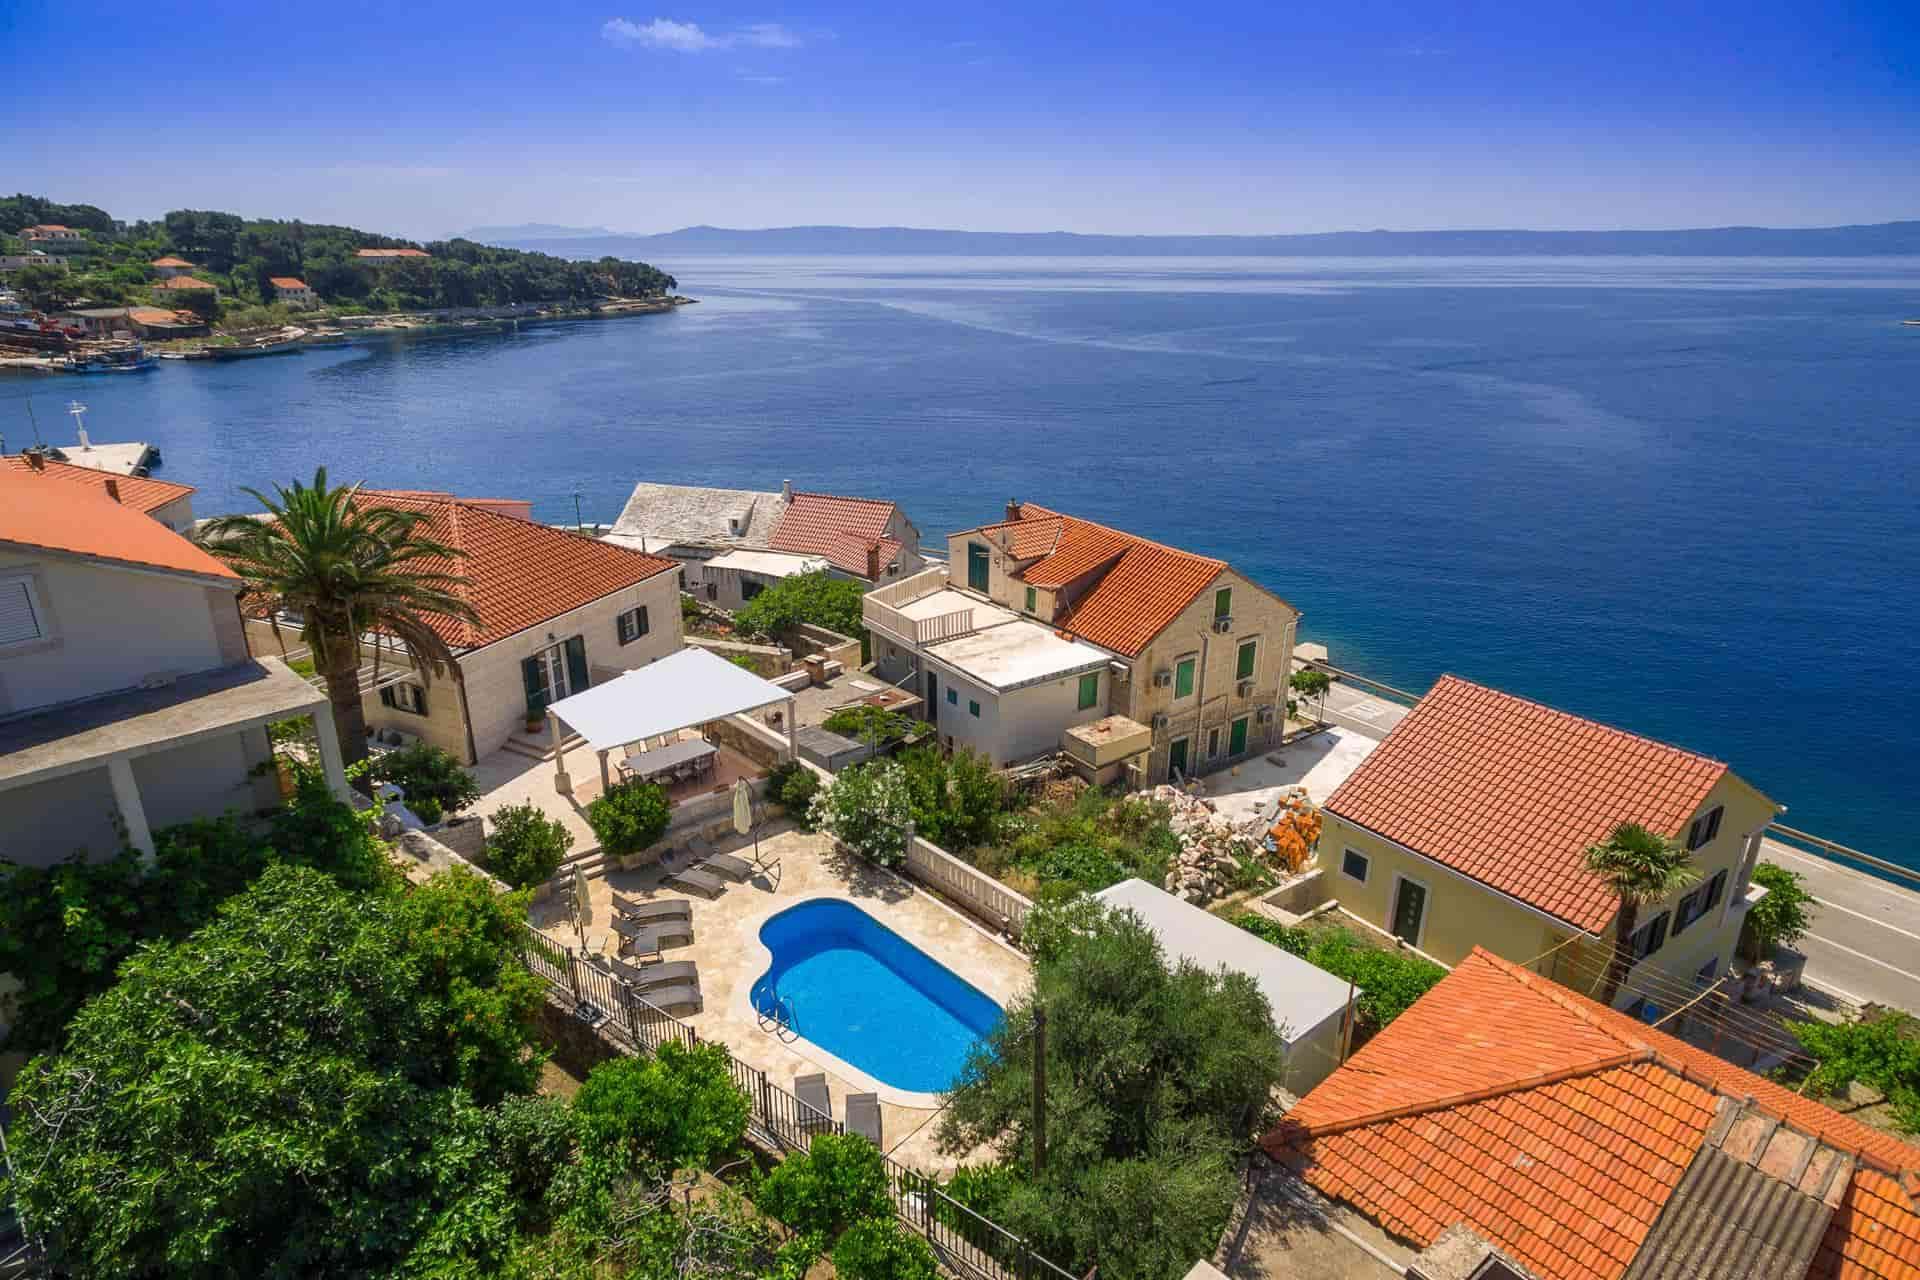 Kamena vila, 50 metara od mora, prekrasan pogled